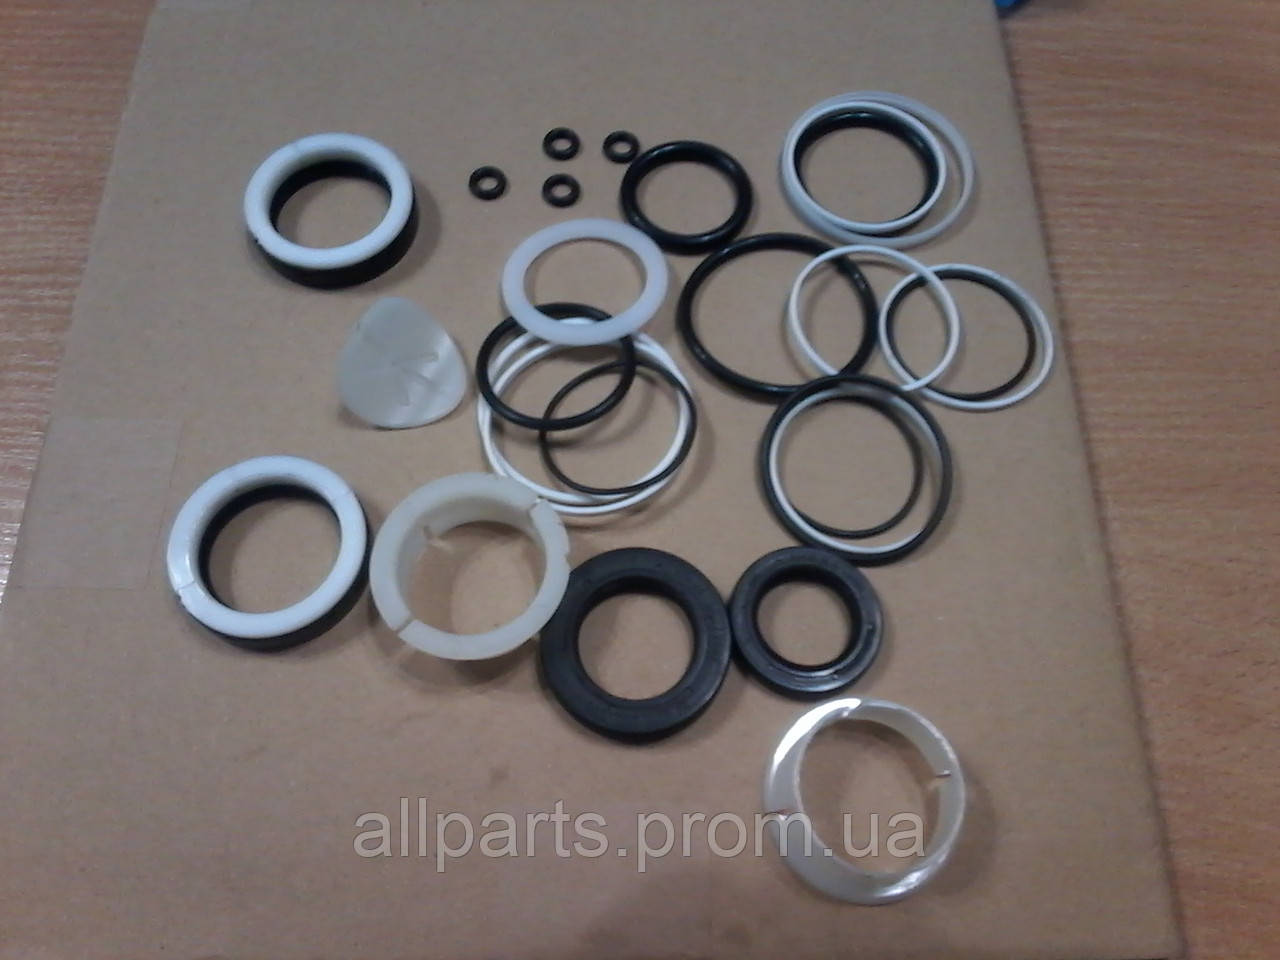 Ремкомплект рулевой рейки для устранения течи